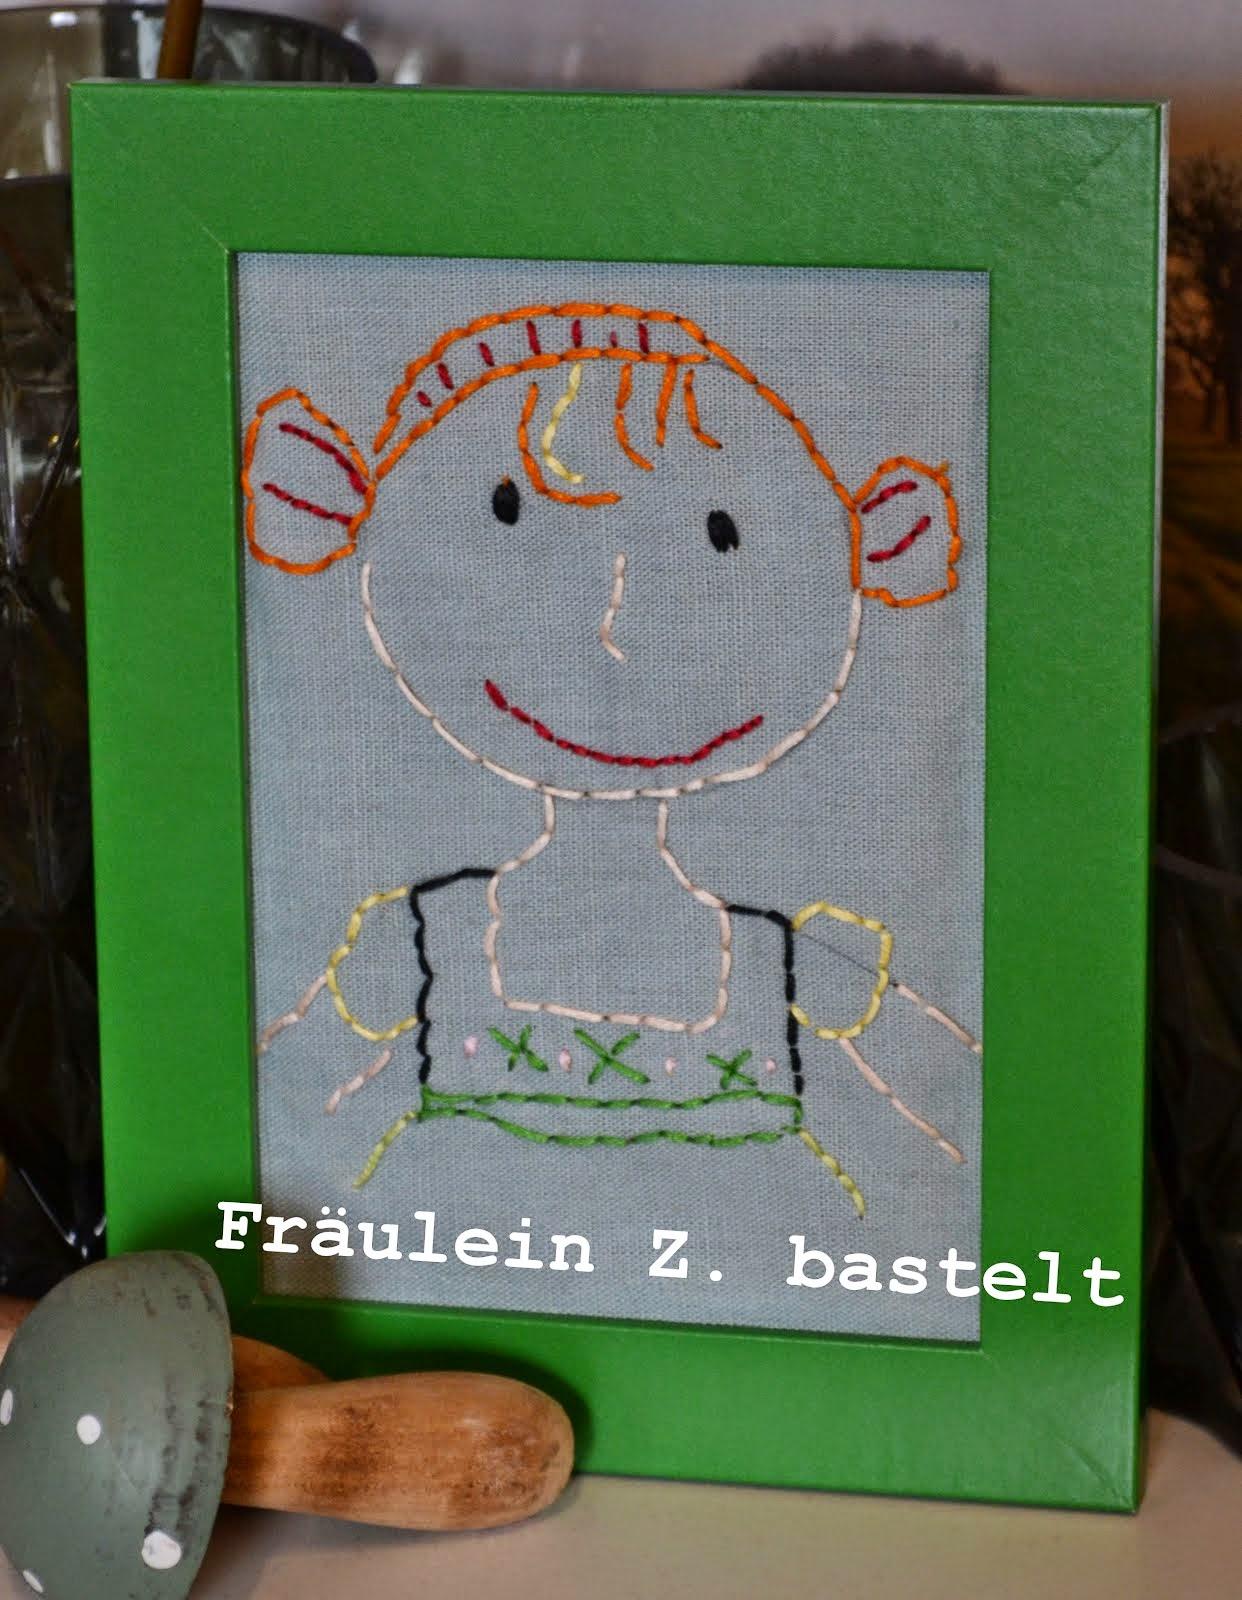 Fräulein Z. bastelt